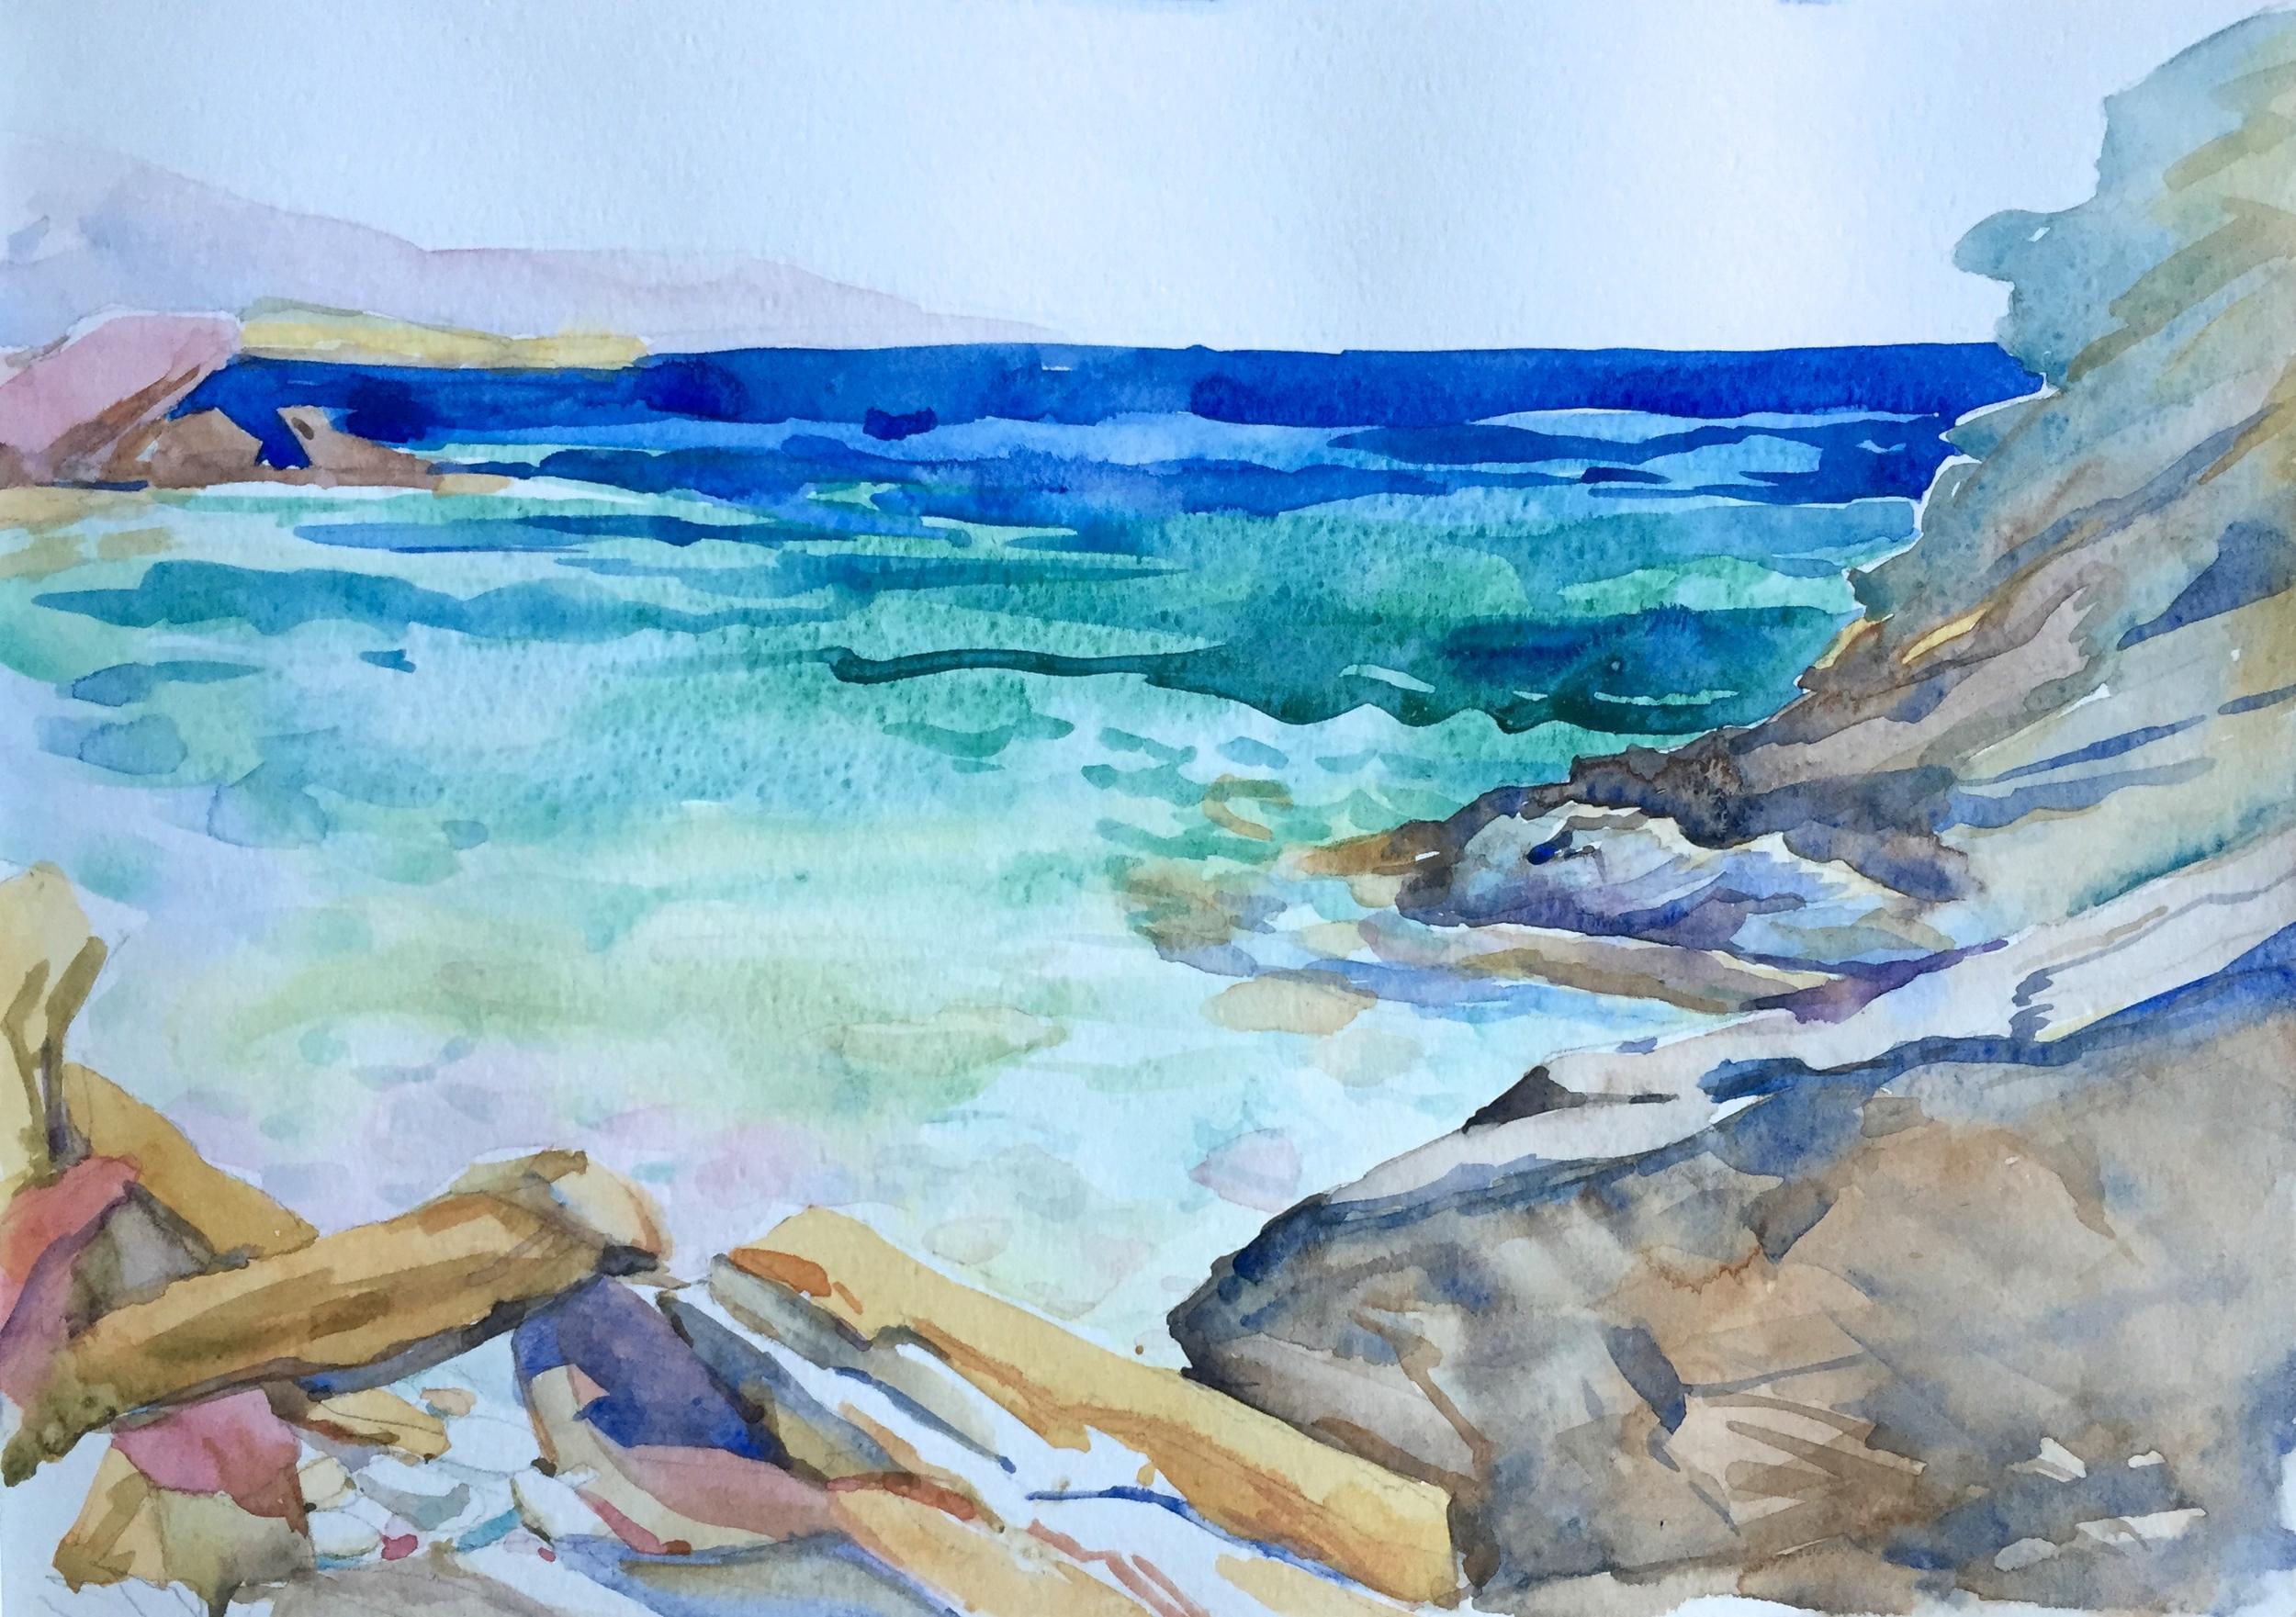 Marble Cove, Paros